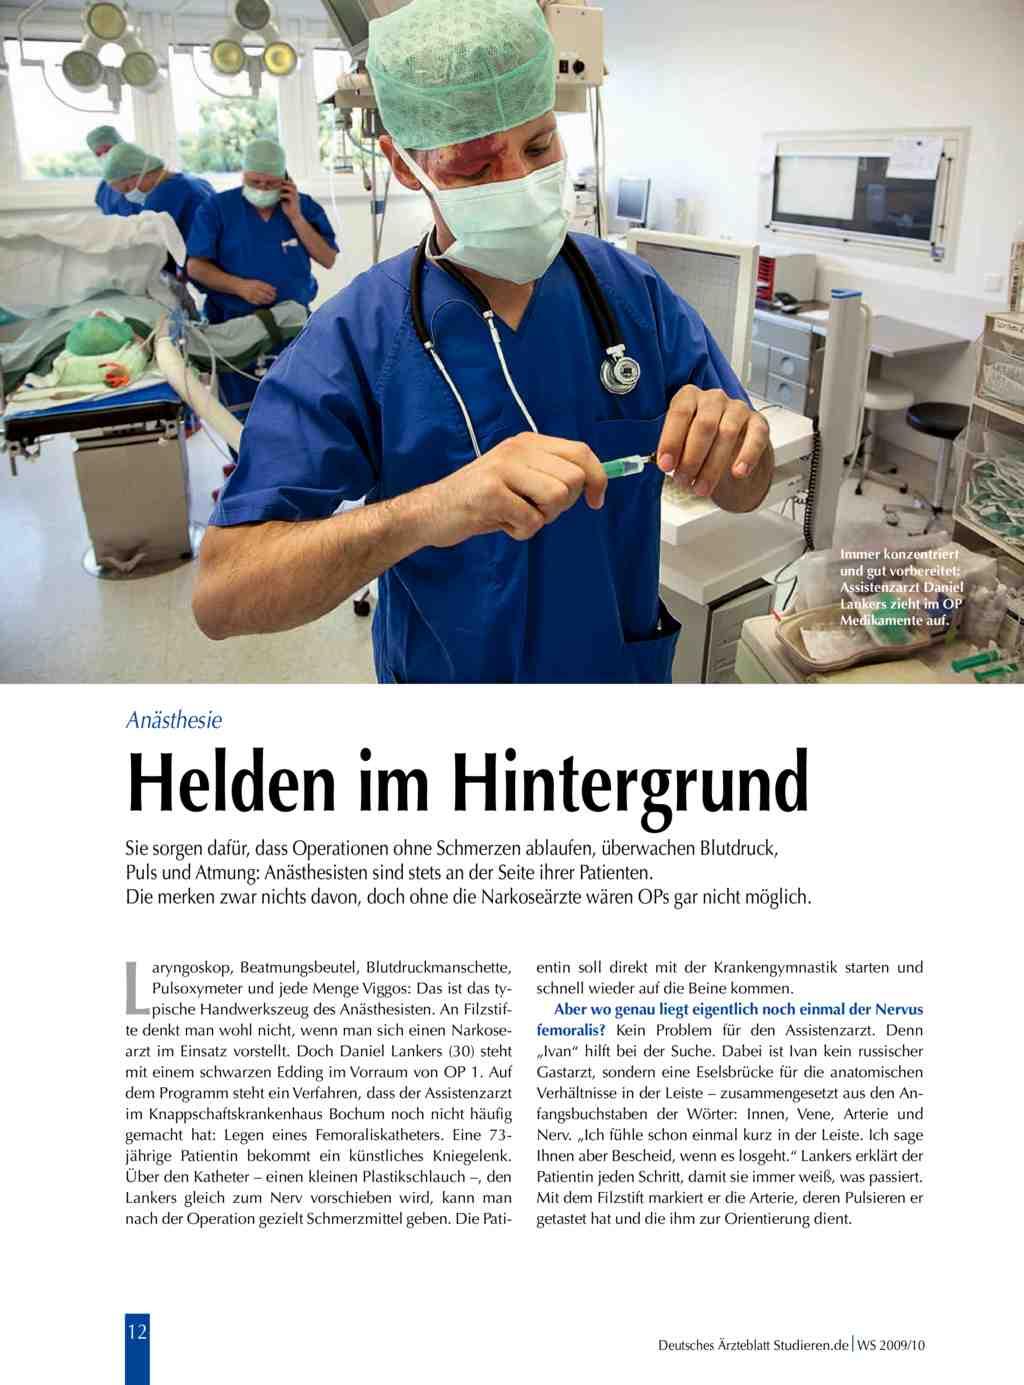 Anästhesie: Helden im Hintergrund